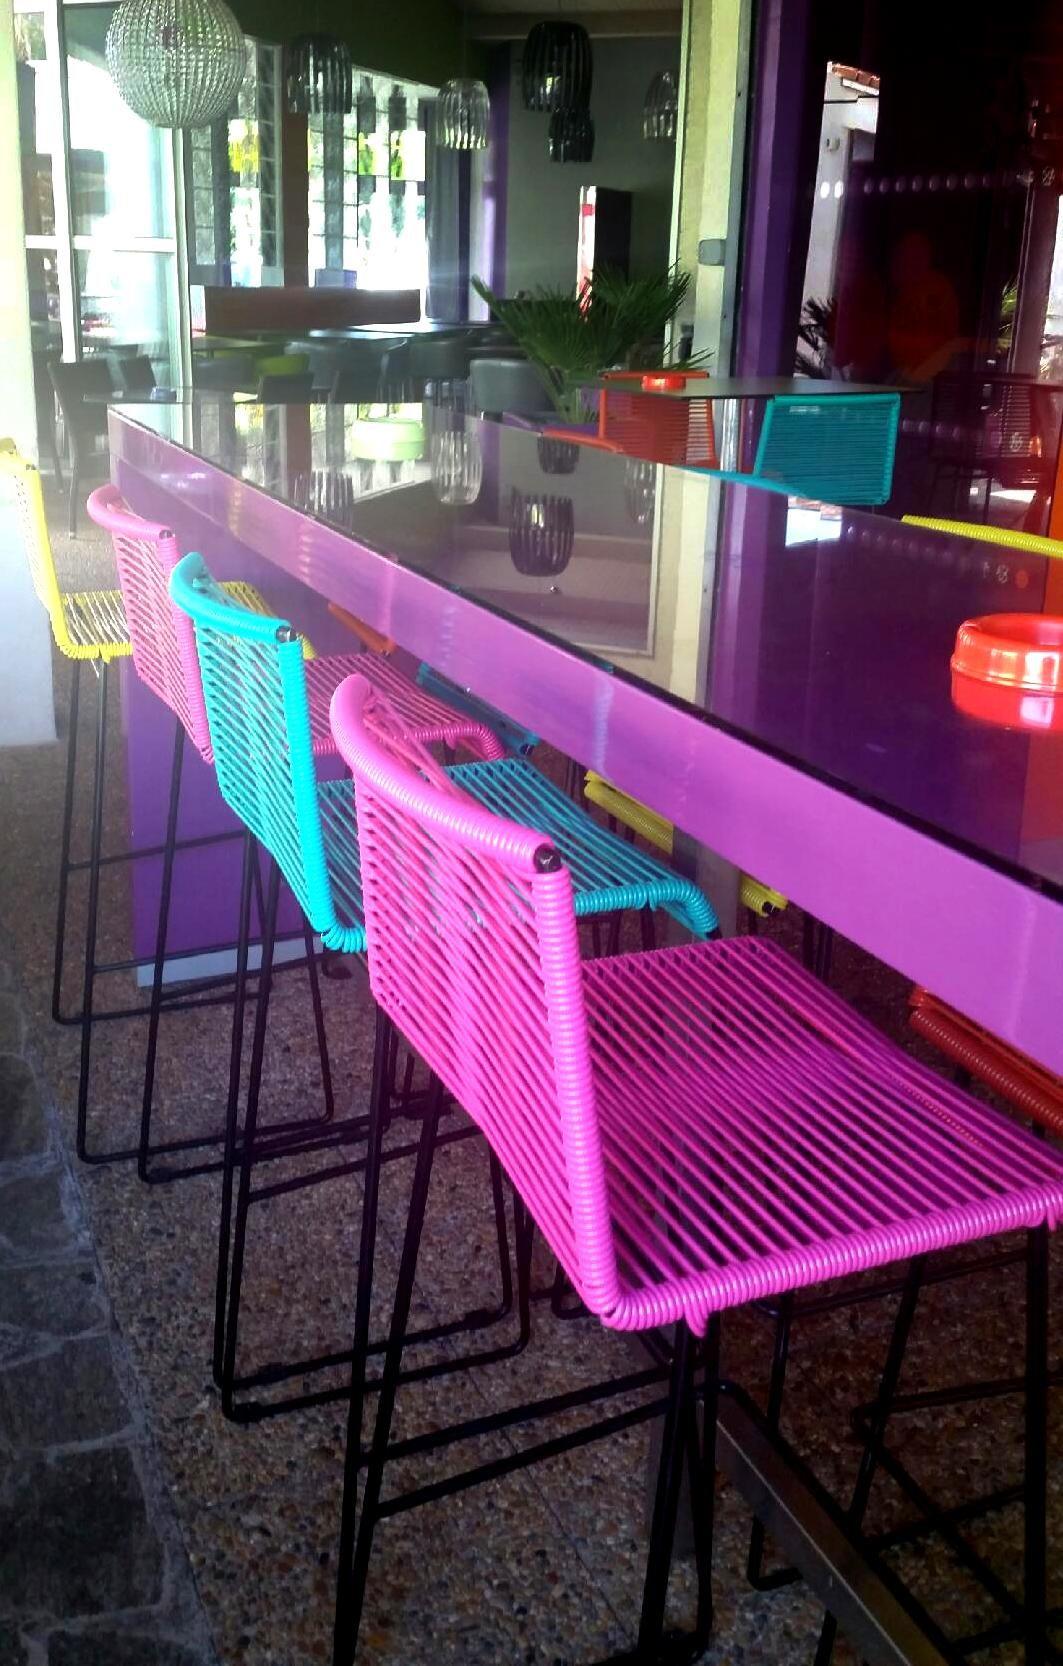 Boqa Fr chaises de bar gran cenote, de chez boqa pour le restaurant le